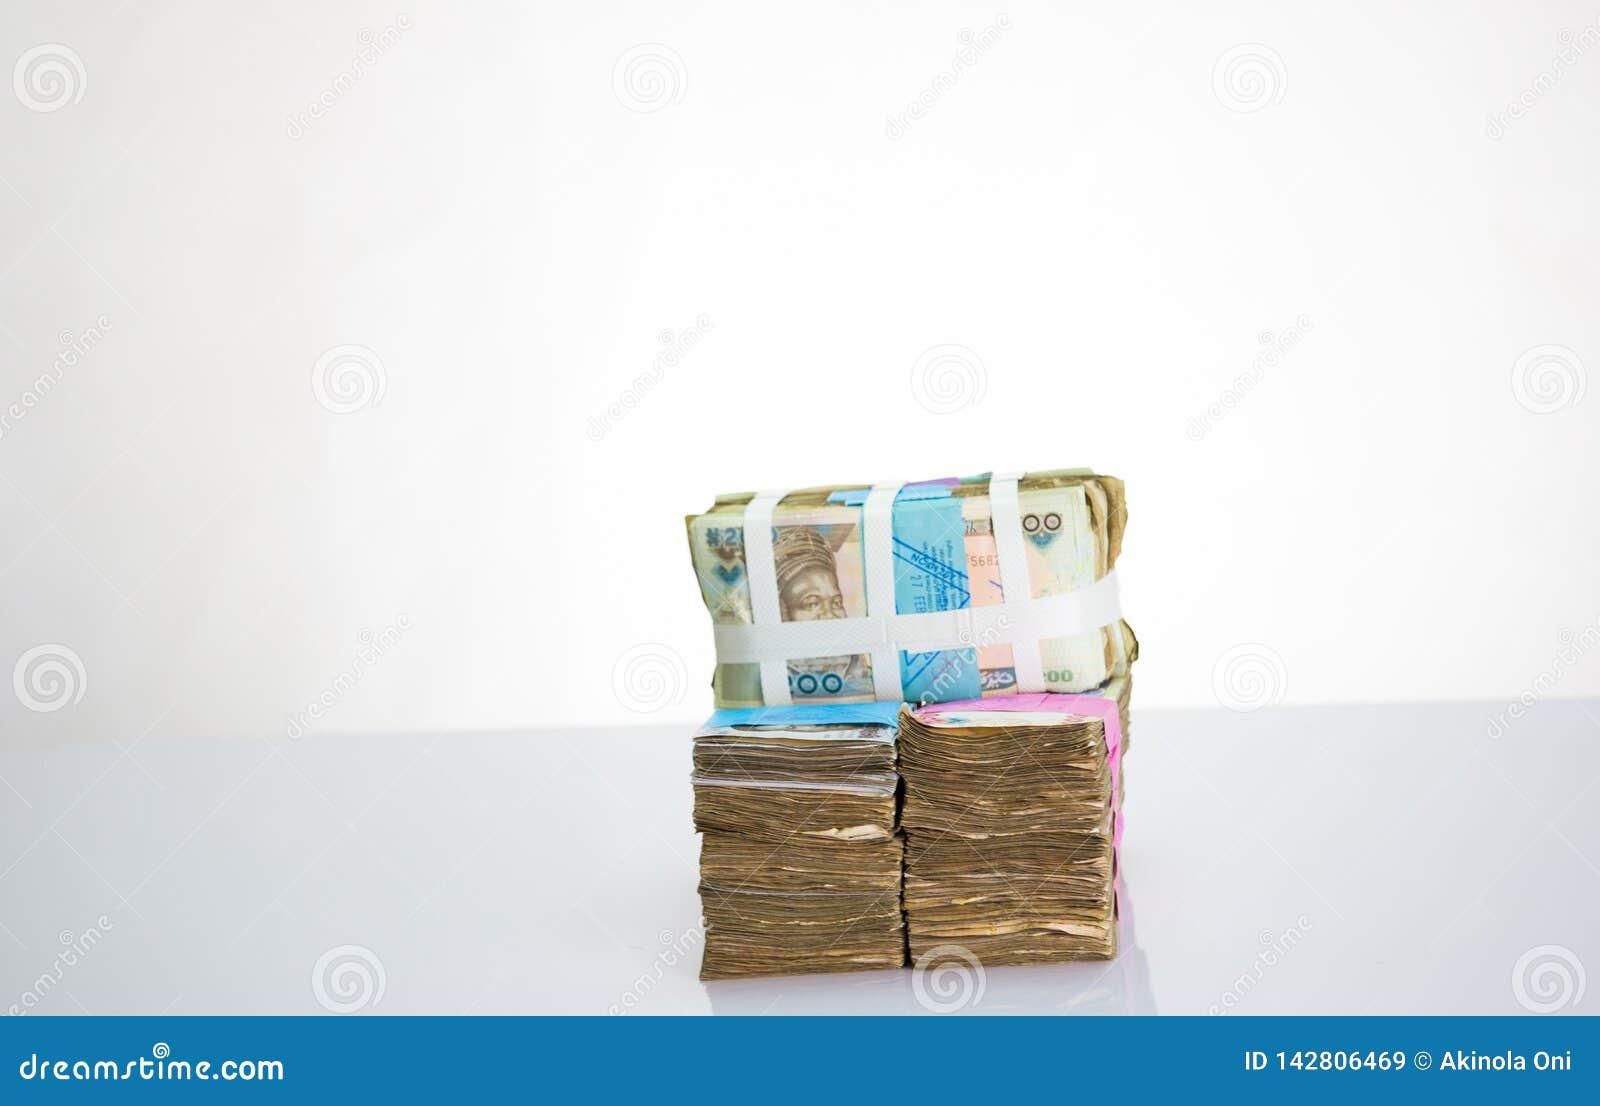 Moeda local N200 de Nigéria, N500, notas do naira N1000 em um pacote